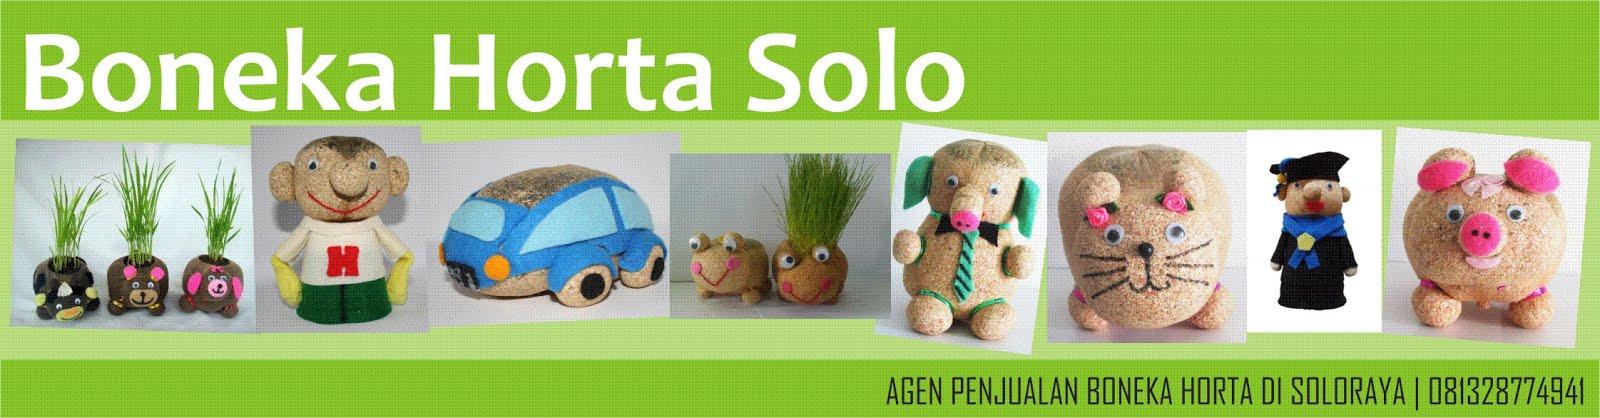 Boneka Horta Solo